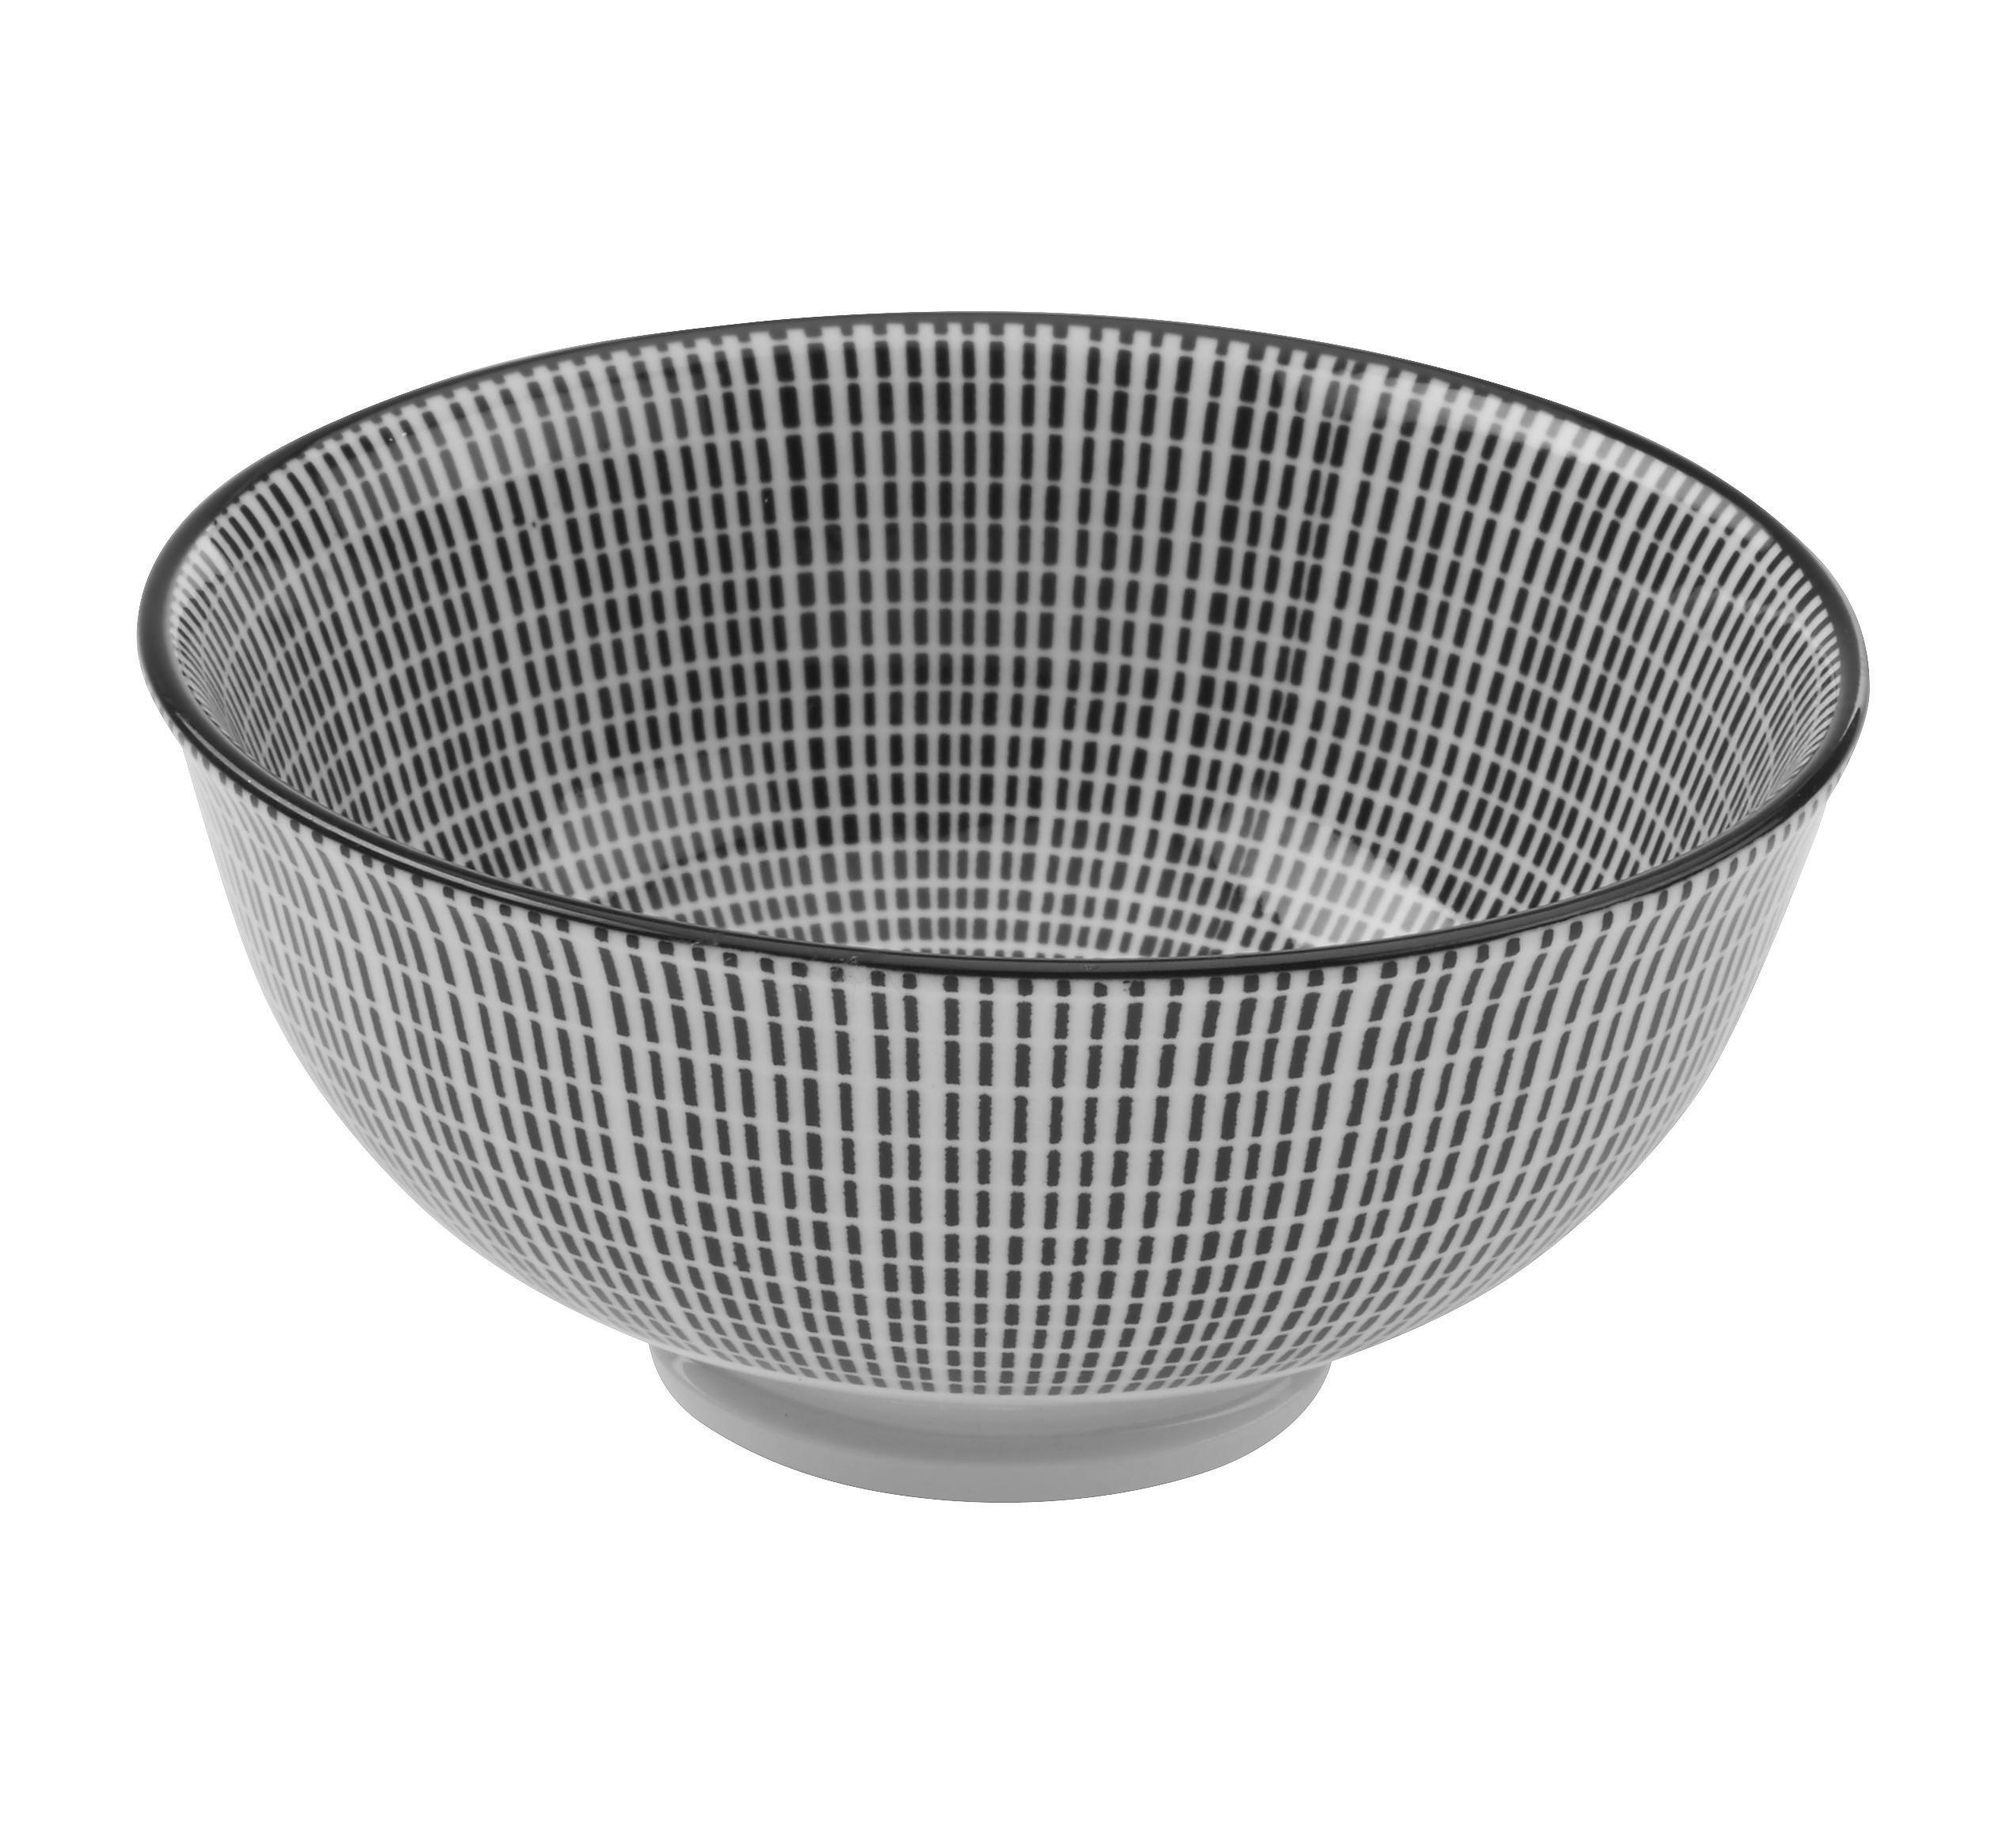 Tál Shiva - fekete/fehér, Lifestyle, kerámia (11,5/5,8cm) - MÖMAX modern living